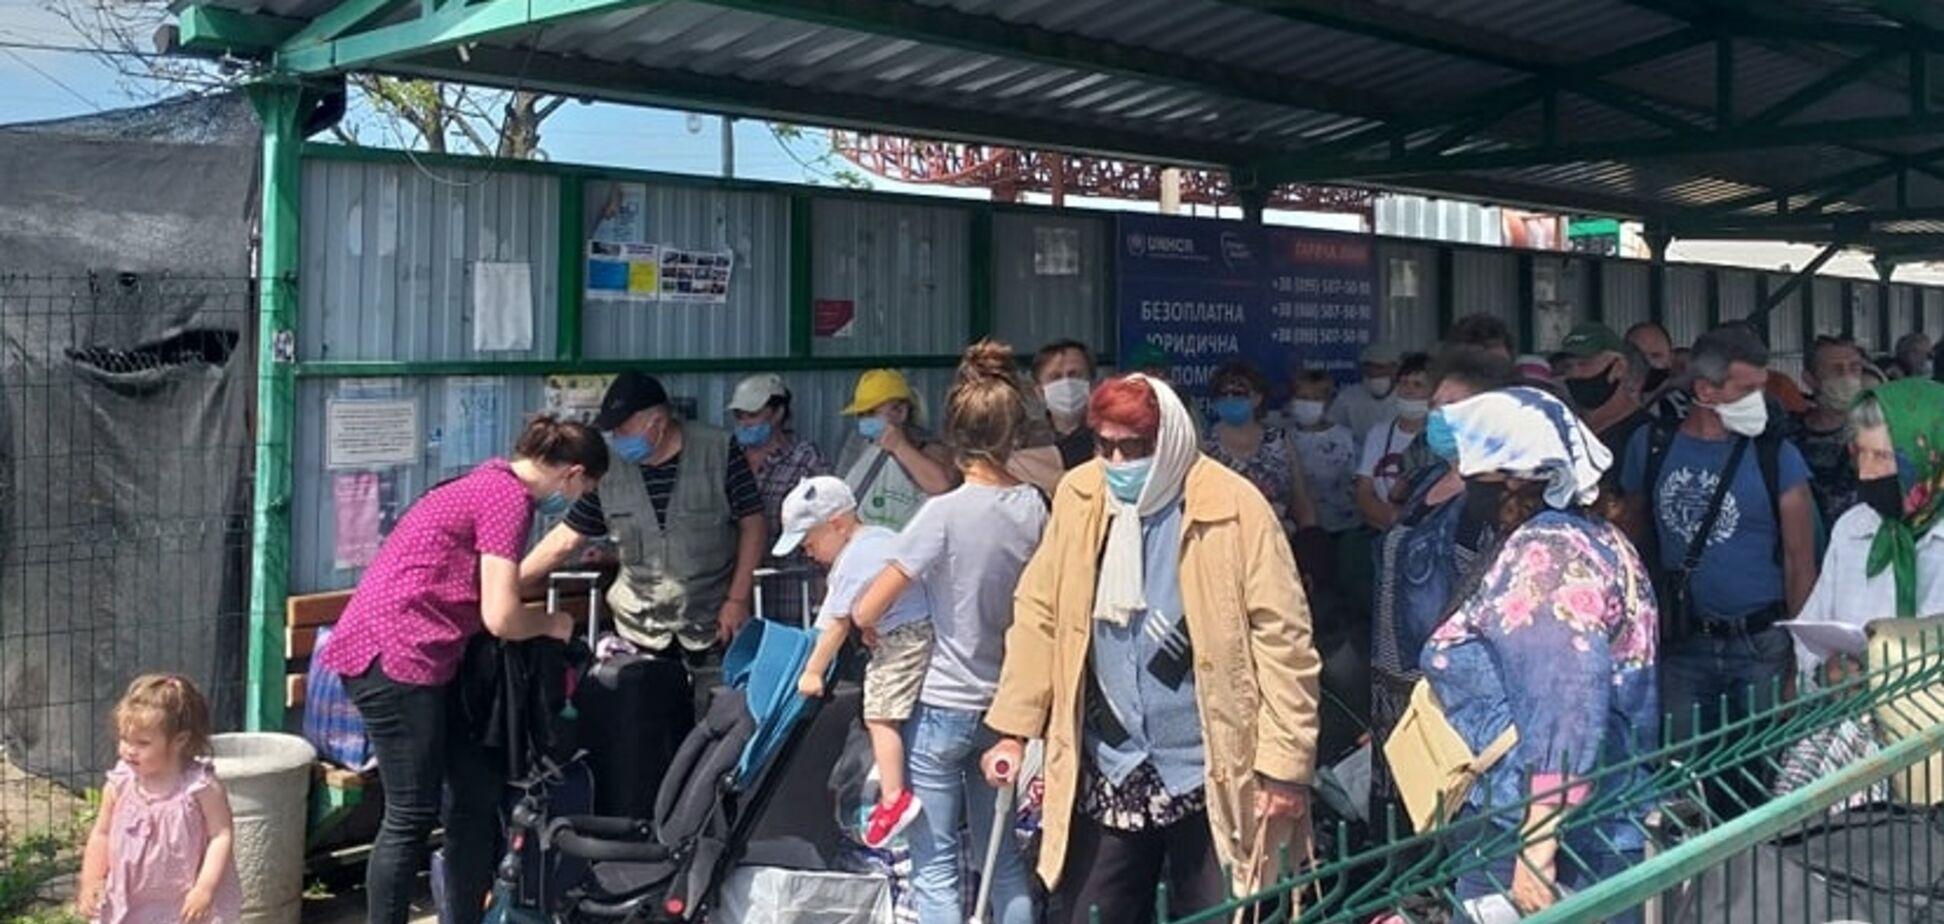 Террористы 'Л/ДНР' сорвали открытие КПВВ после карантина: люди в очередях теряли сознание. Фото